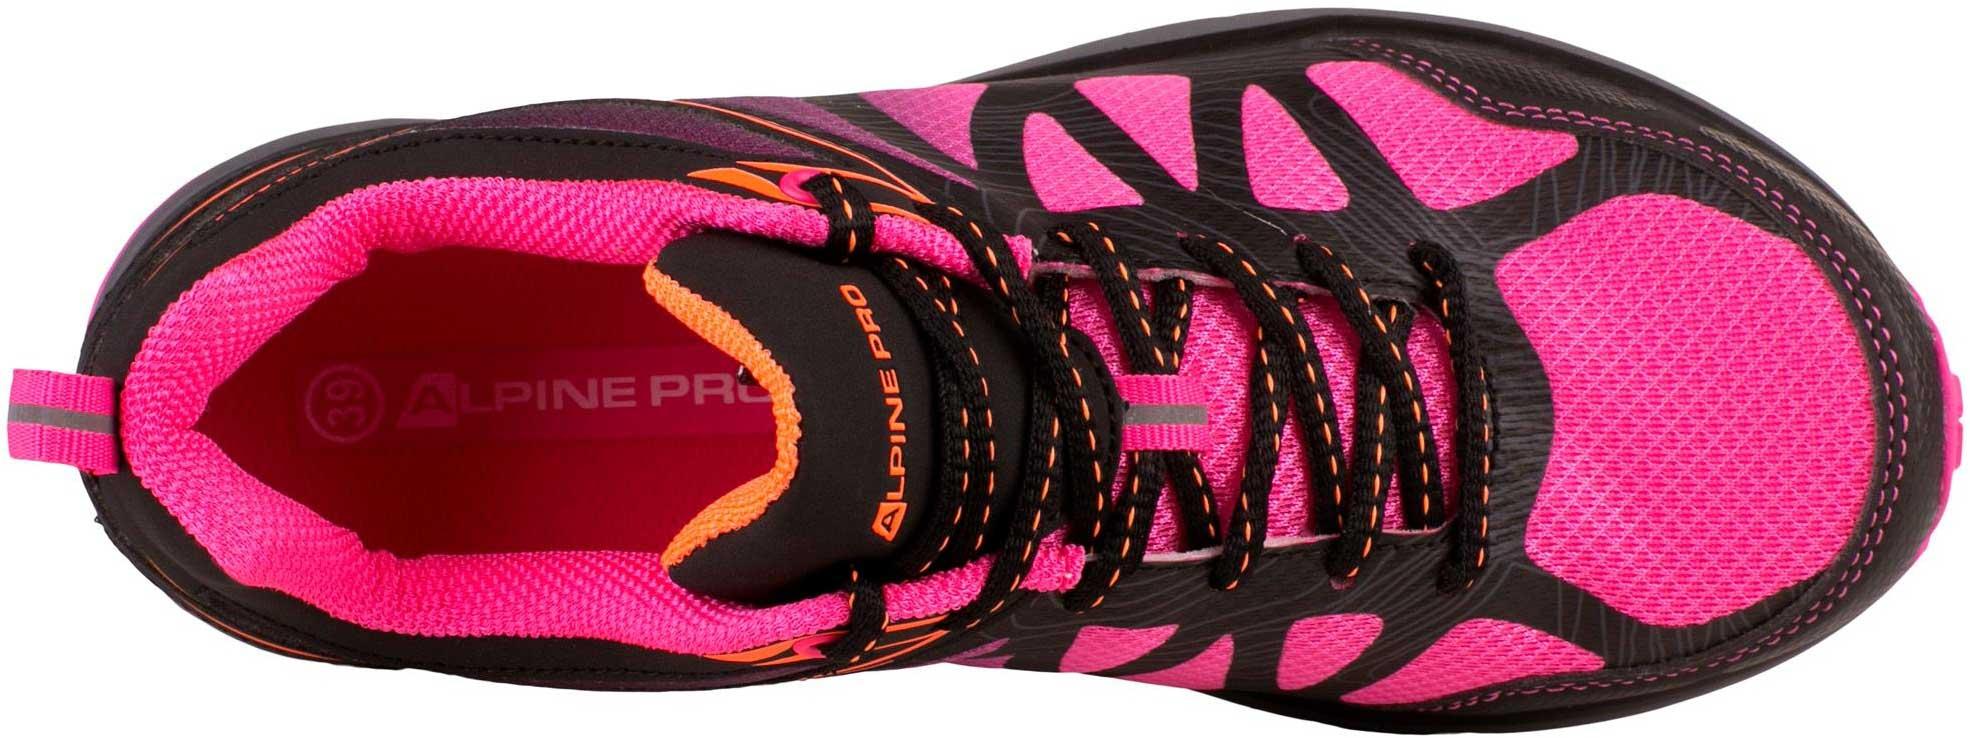 0c577fcec10 Obuv   Dámská treková obuv Alpine Pro Rohit